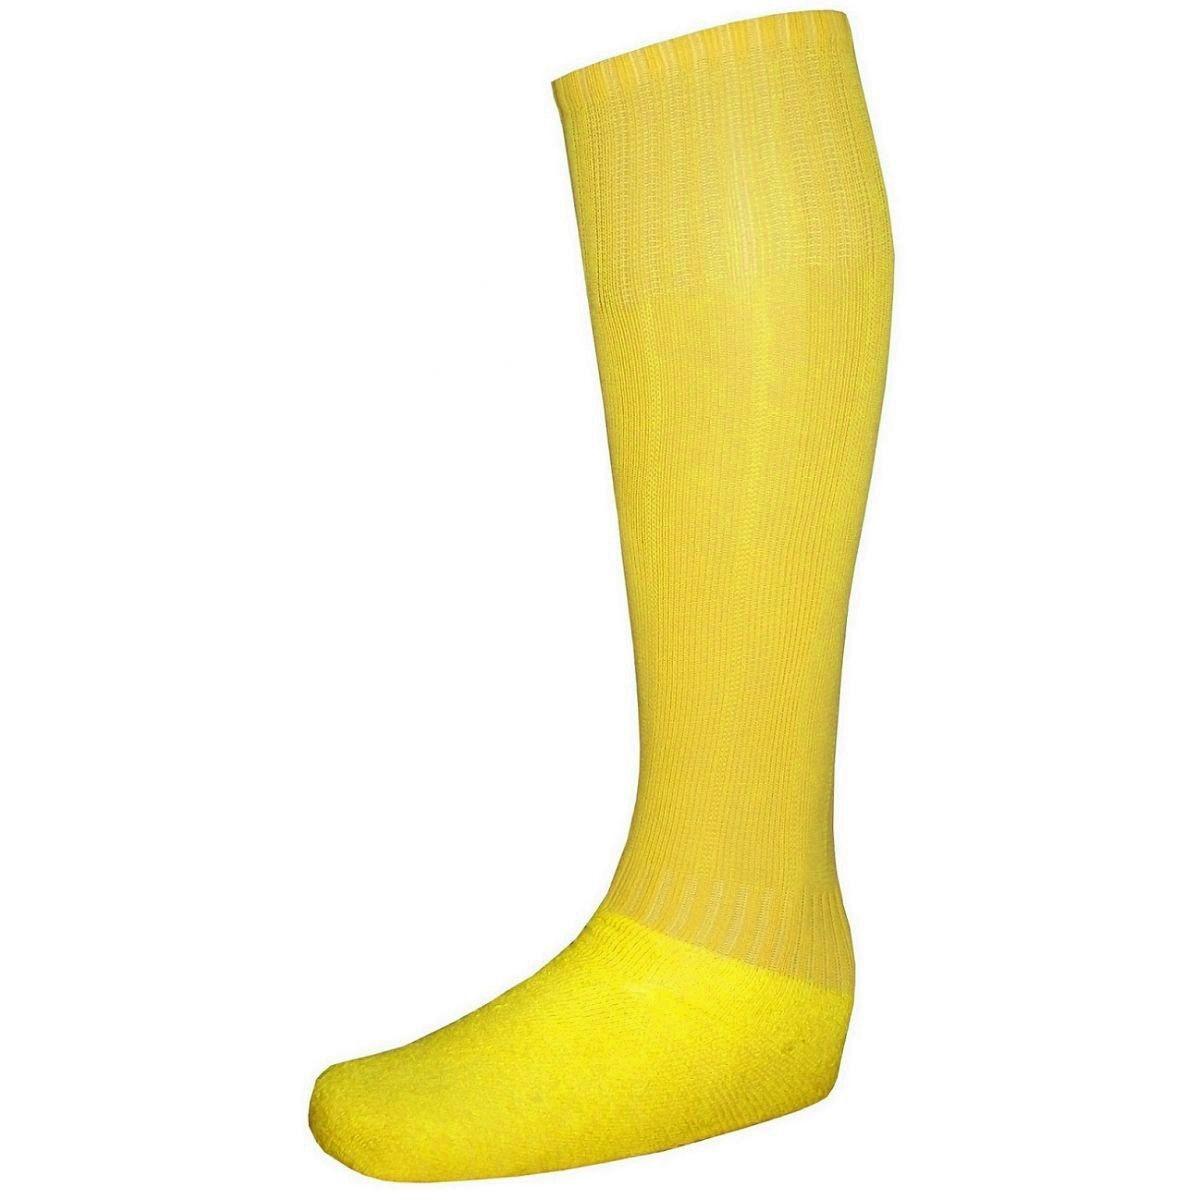 Meião de Futebol Tradicional Reforçado Amarelo - Delfia